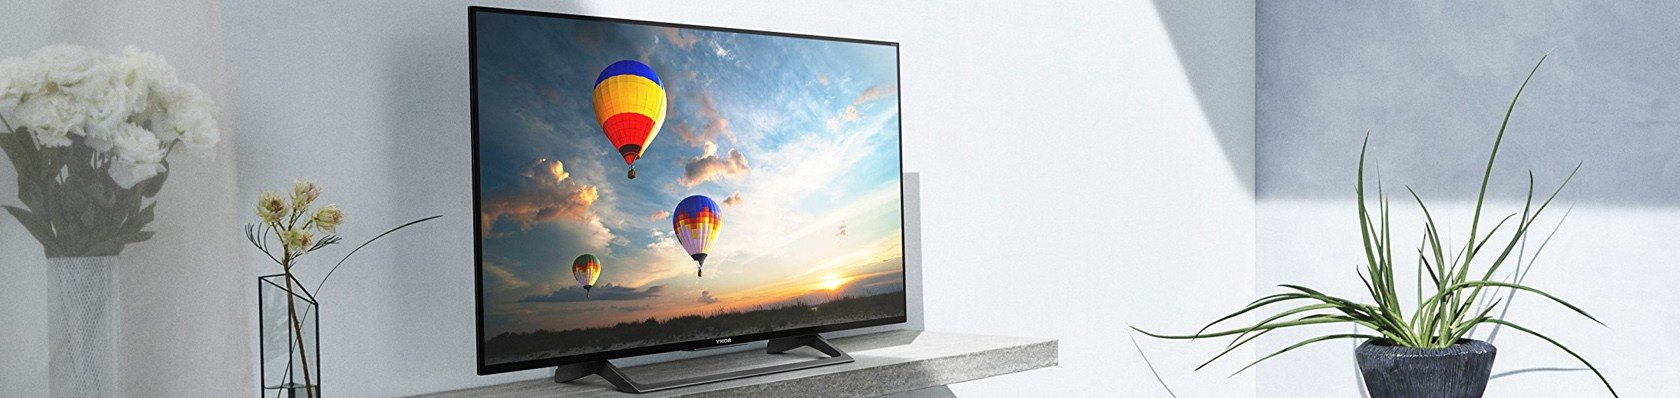 Smart TV im Test auf ExpertenTesten.de